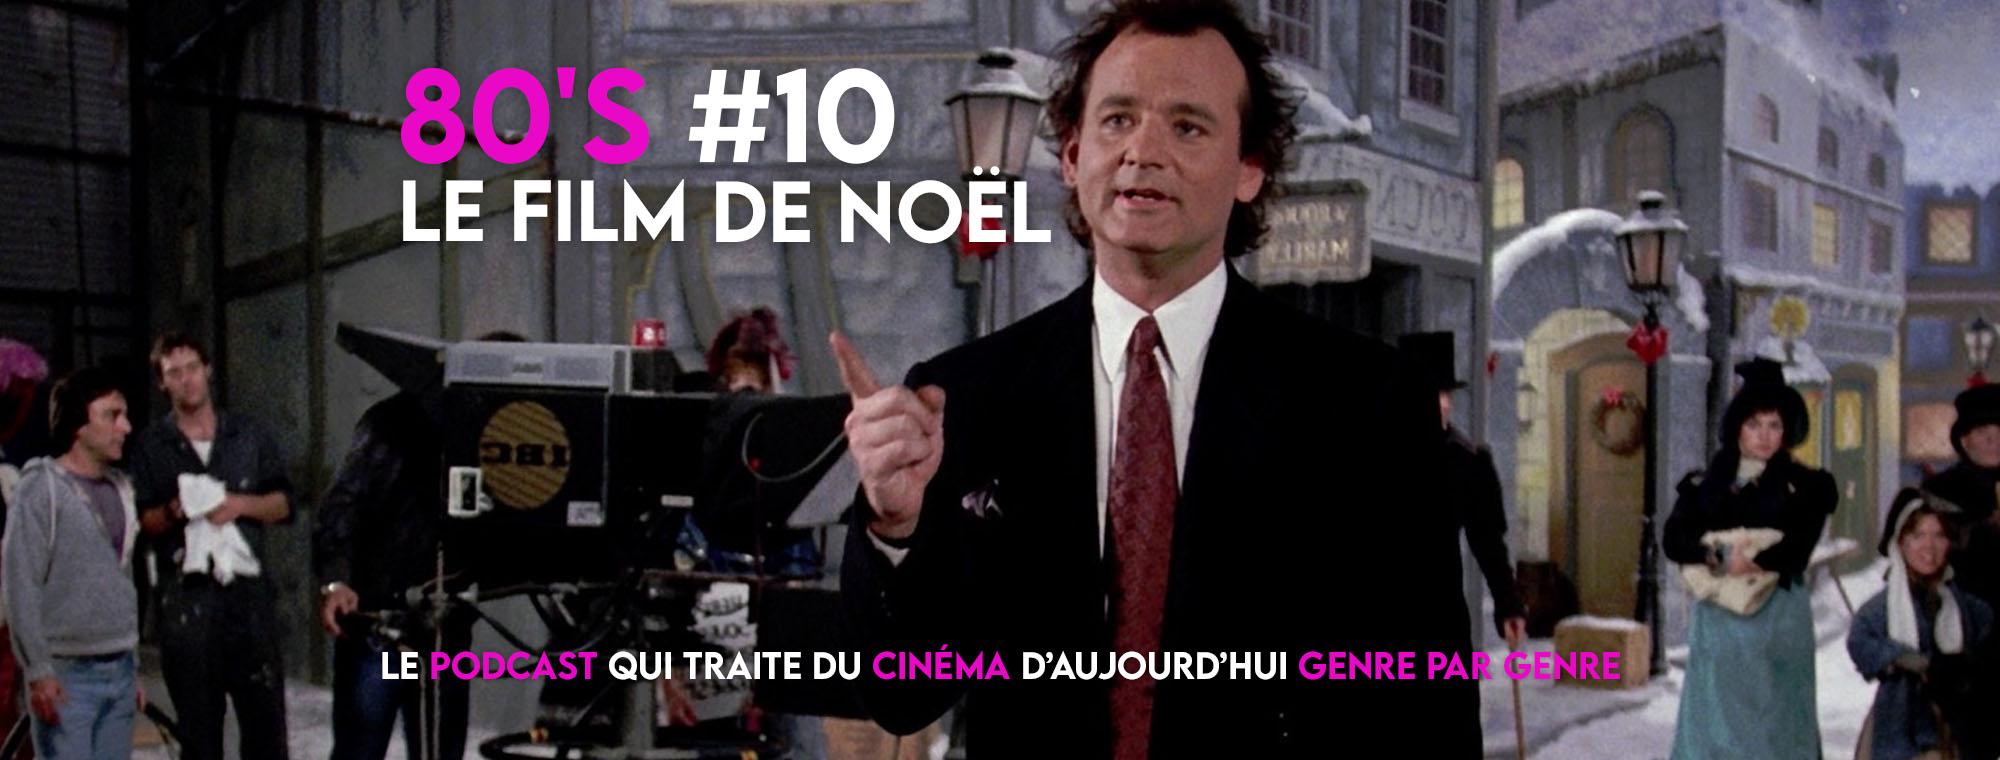 Parlons Péloches - 80's #10 Le film de Noël